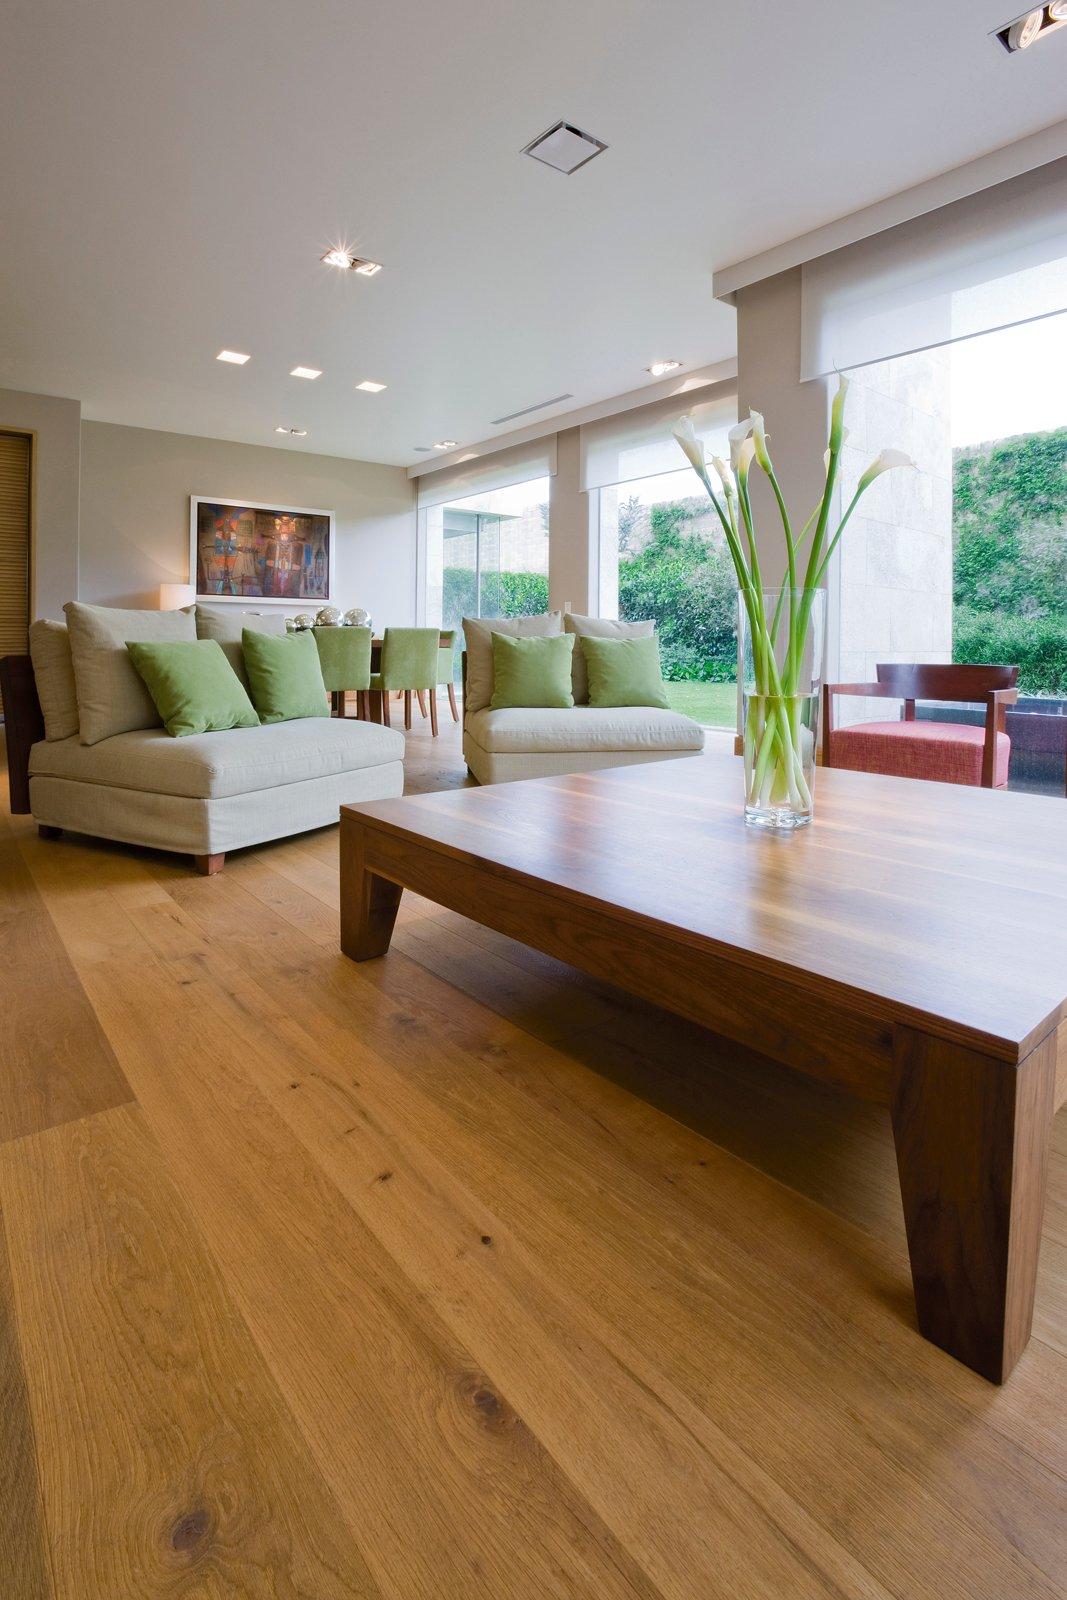 Parquet resistente veloce da posare ed economico cose di casa - Casa con parquet ...